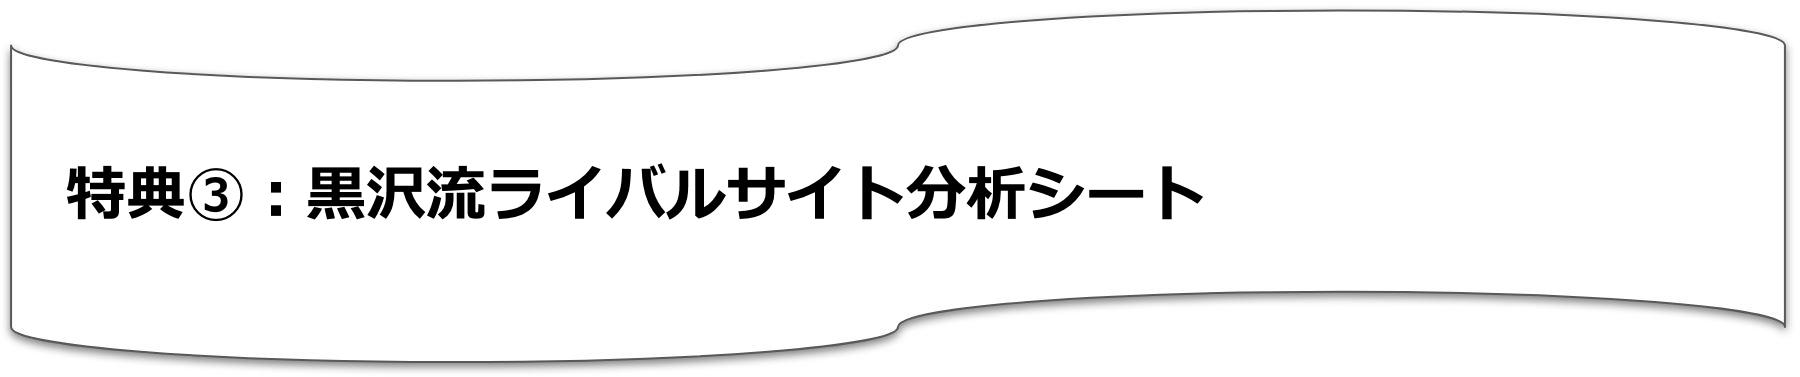 特典③:黒沢流ライバルサイト分析シート